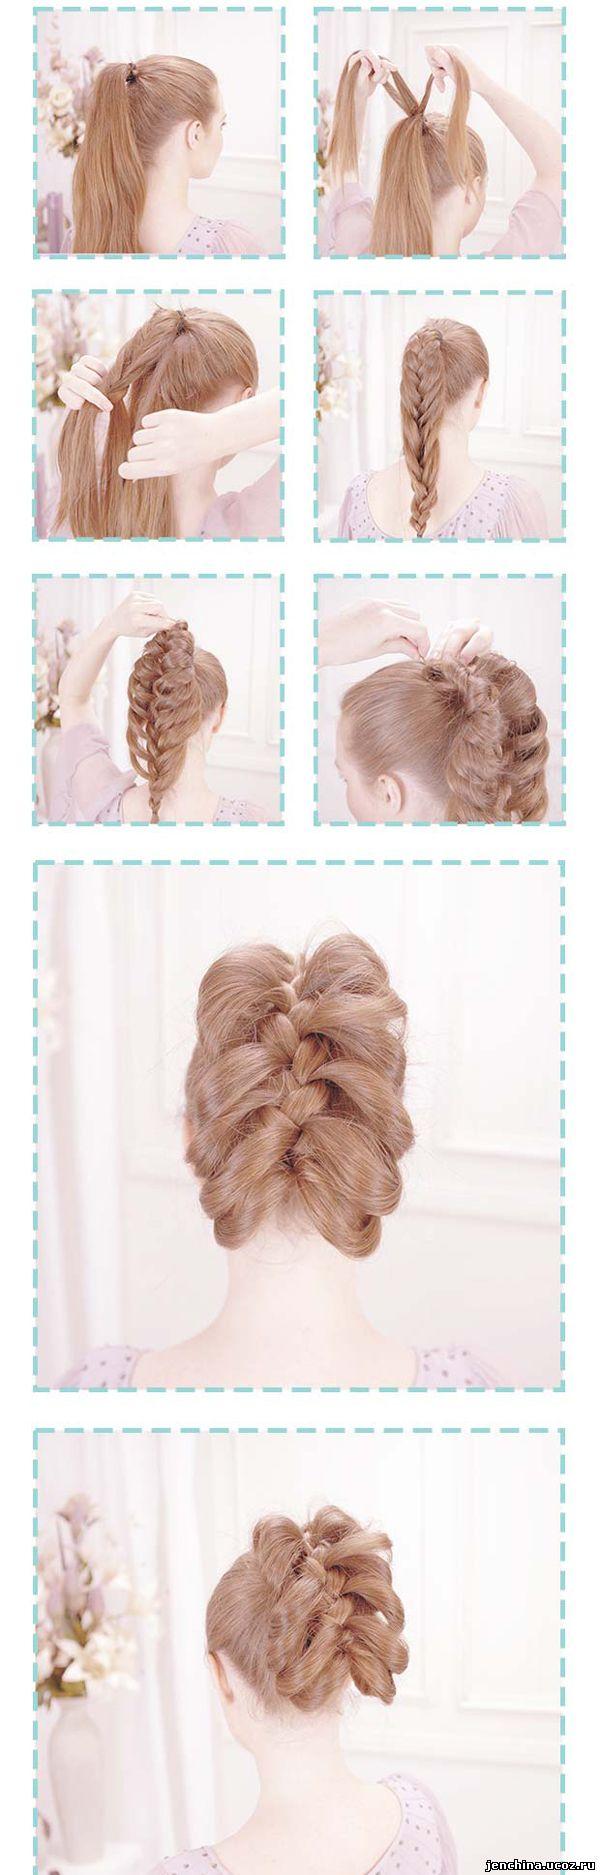 Прически коса длинные волосы в домашних условиях